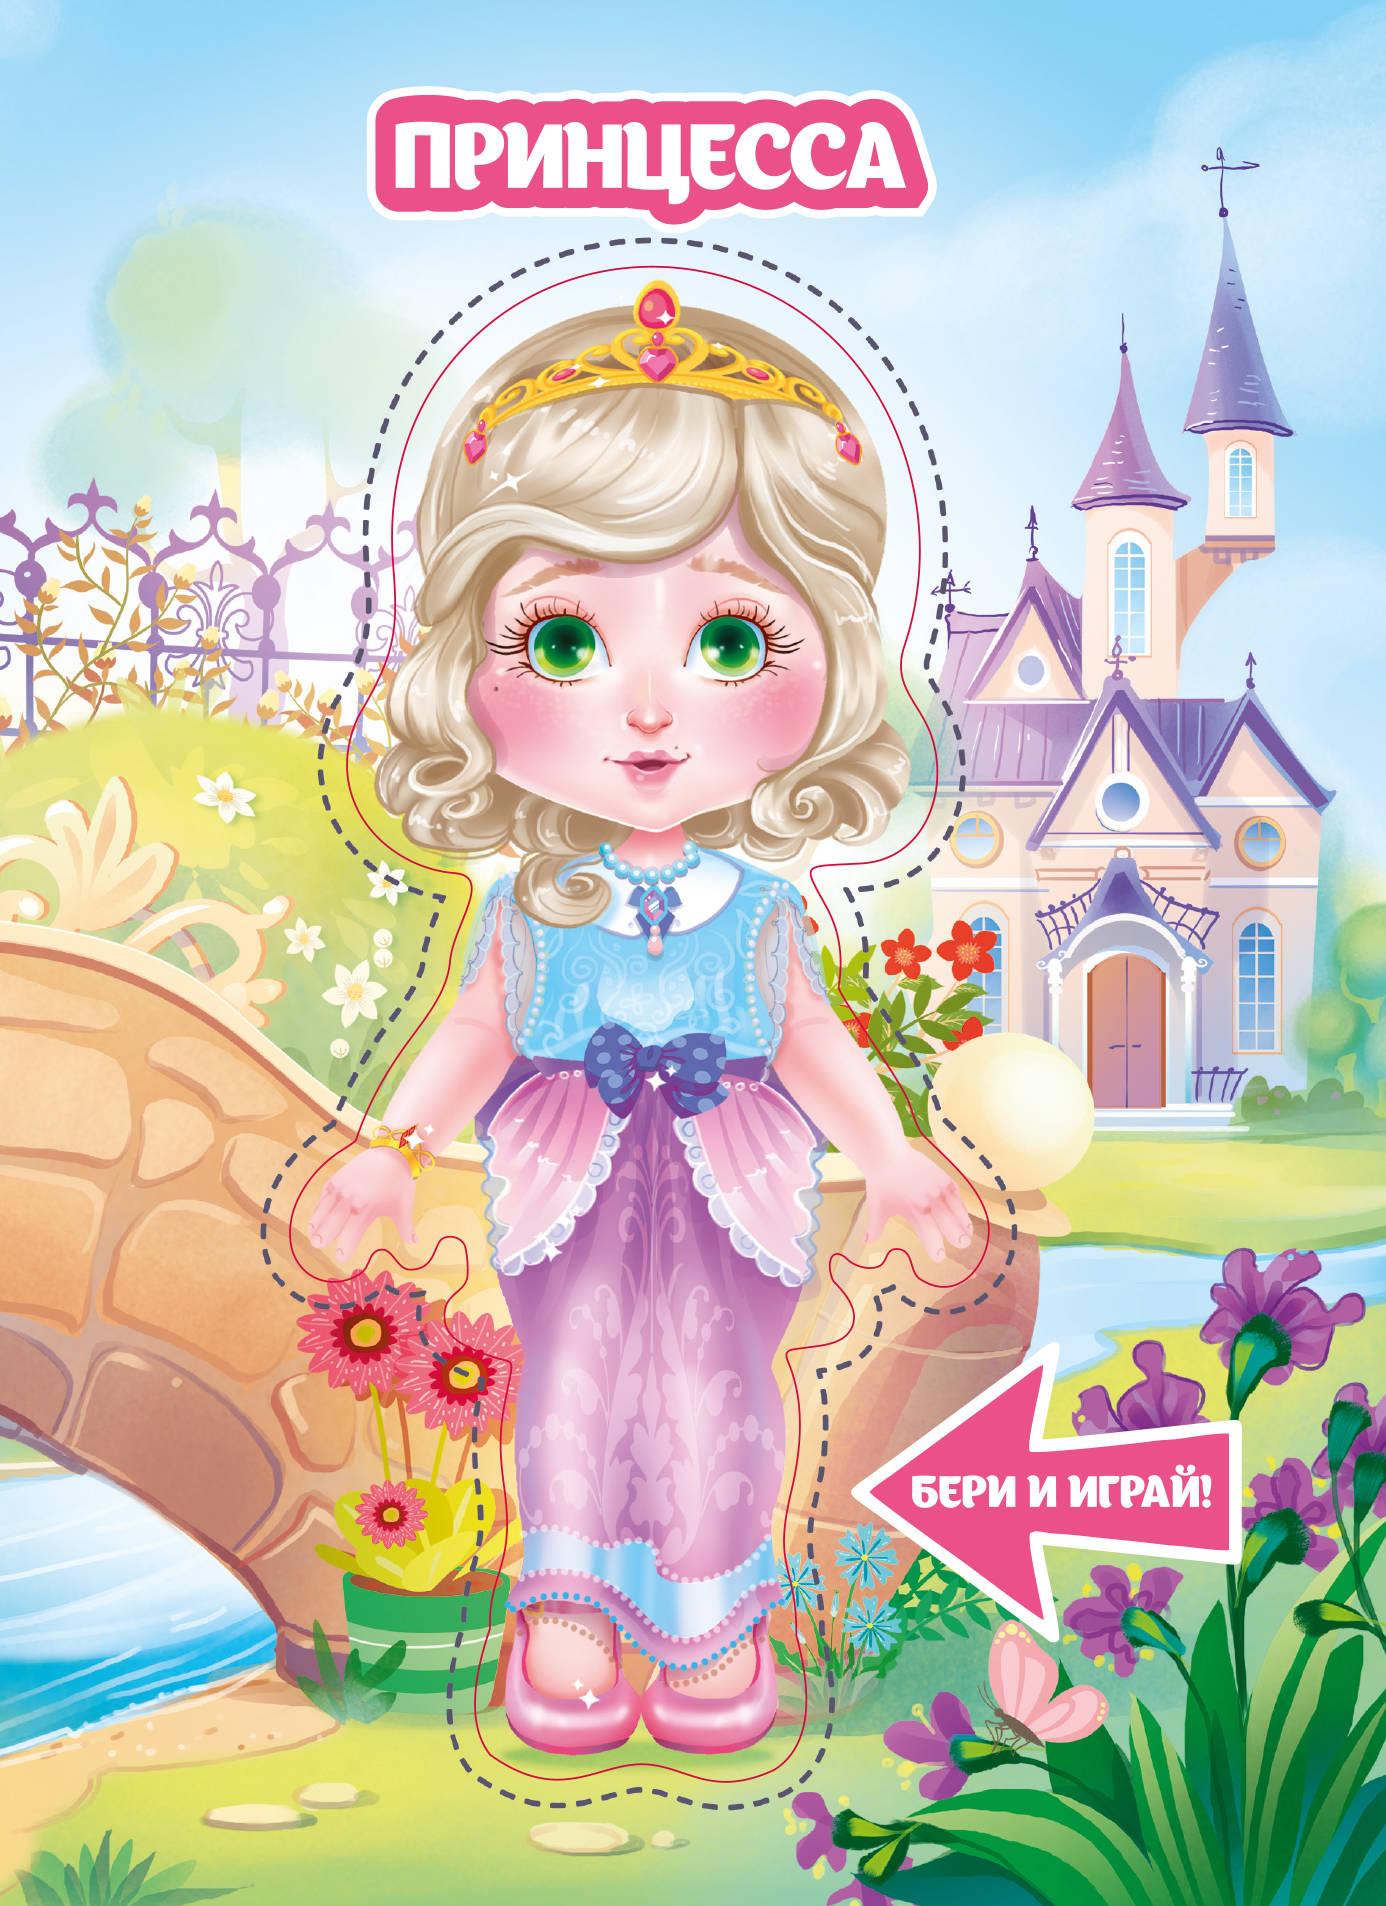 . Принцесса бенуа с диана и чарльз одинокая принцесса любит принца…